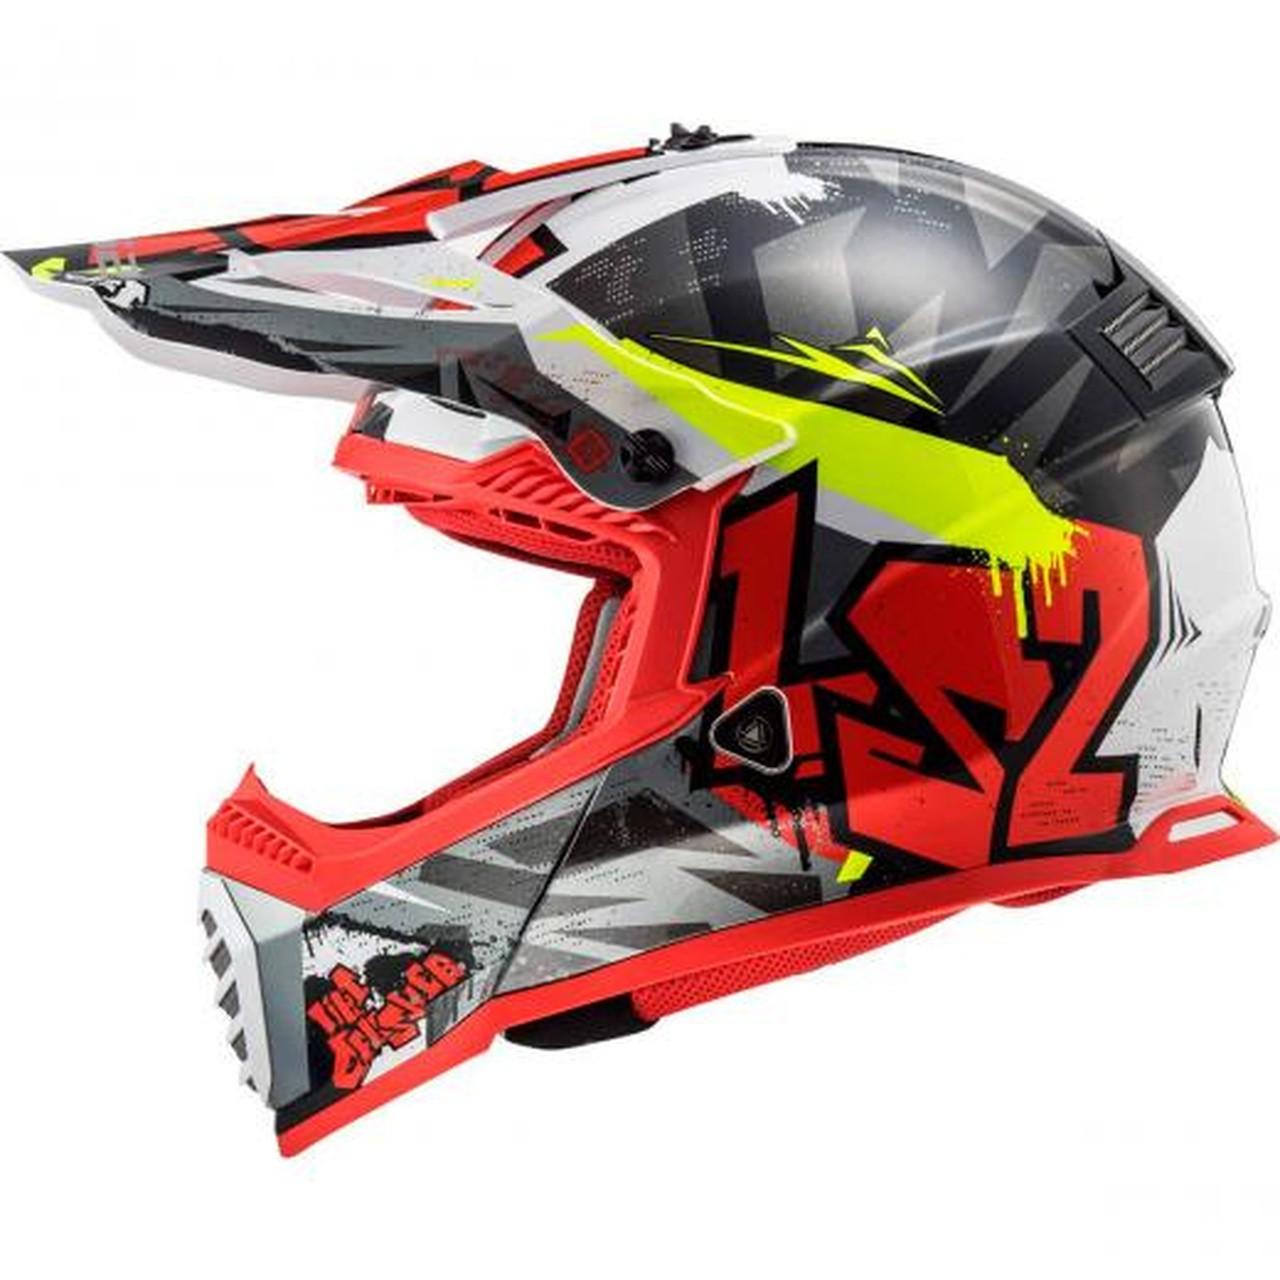 Capacete LS2 Fast MX437 Crusher